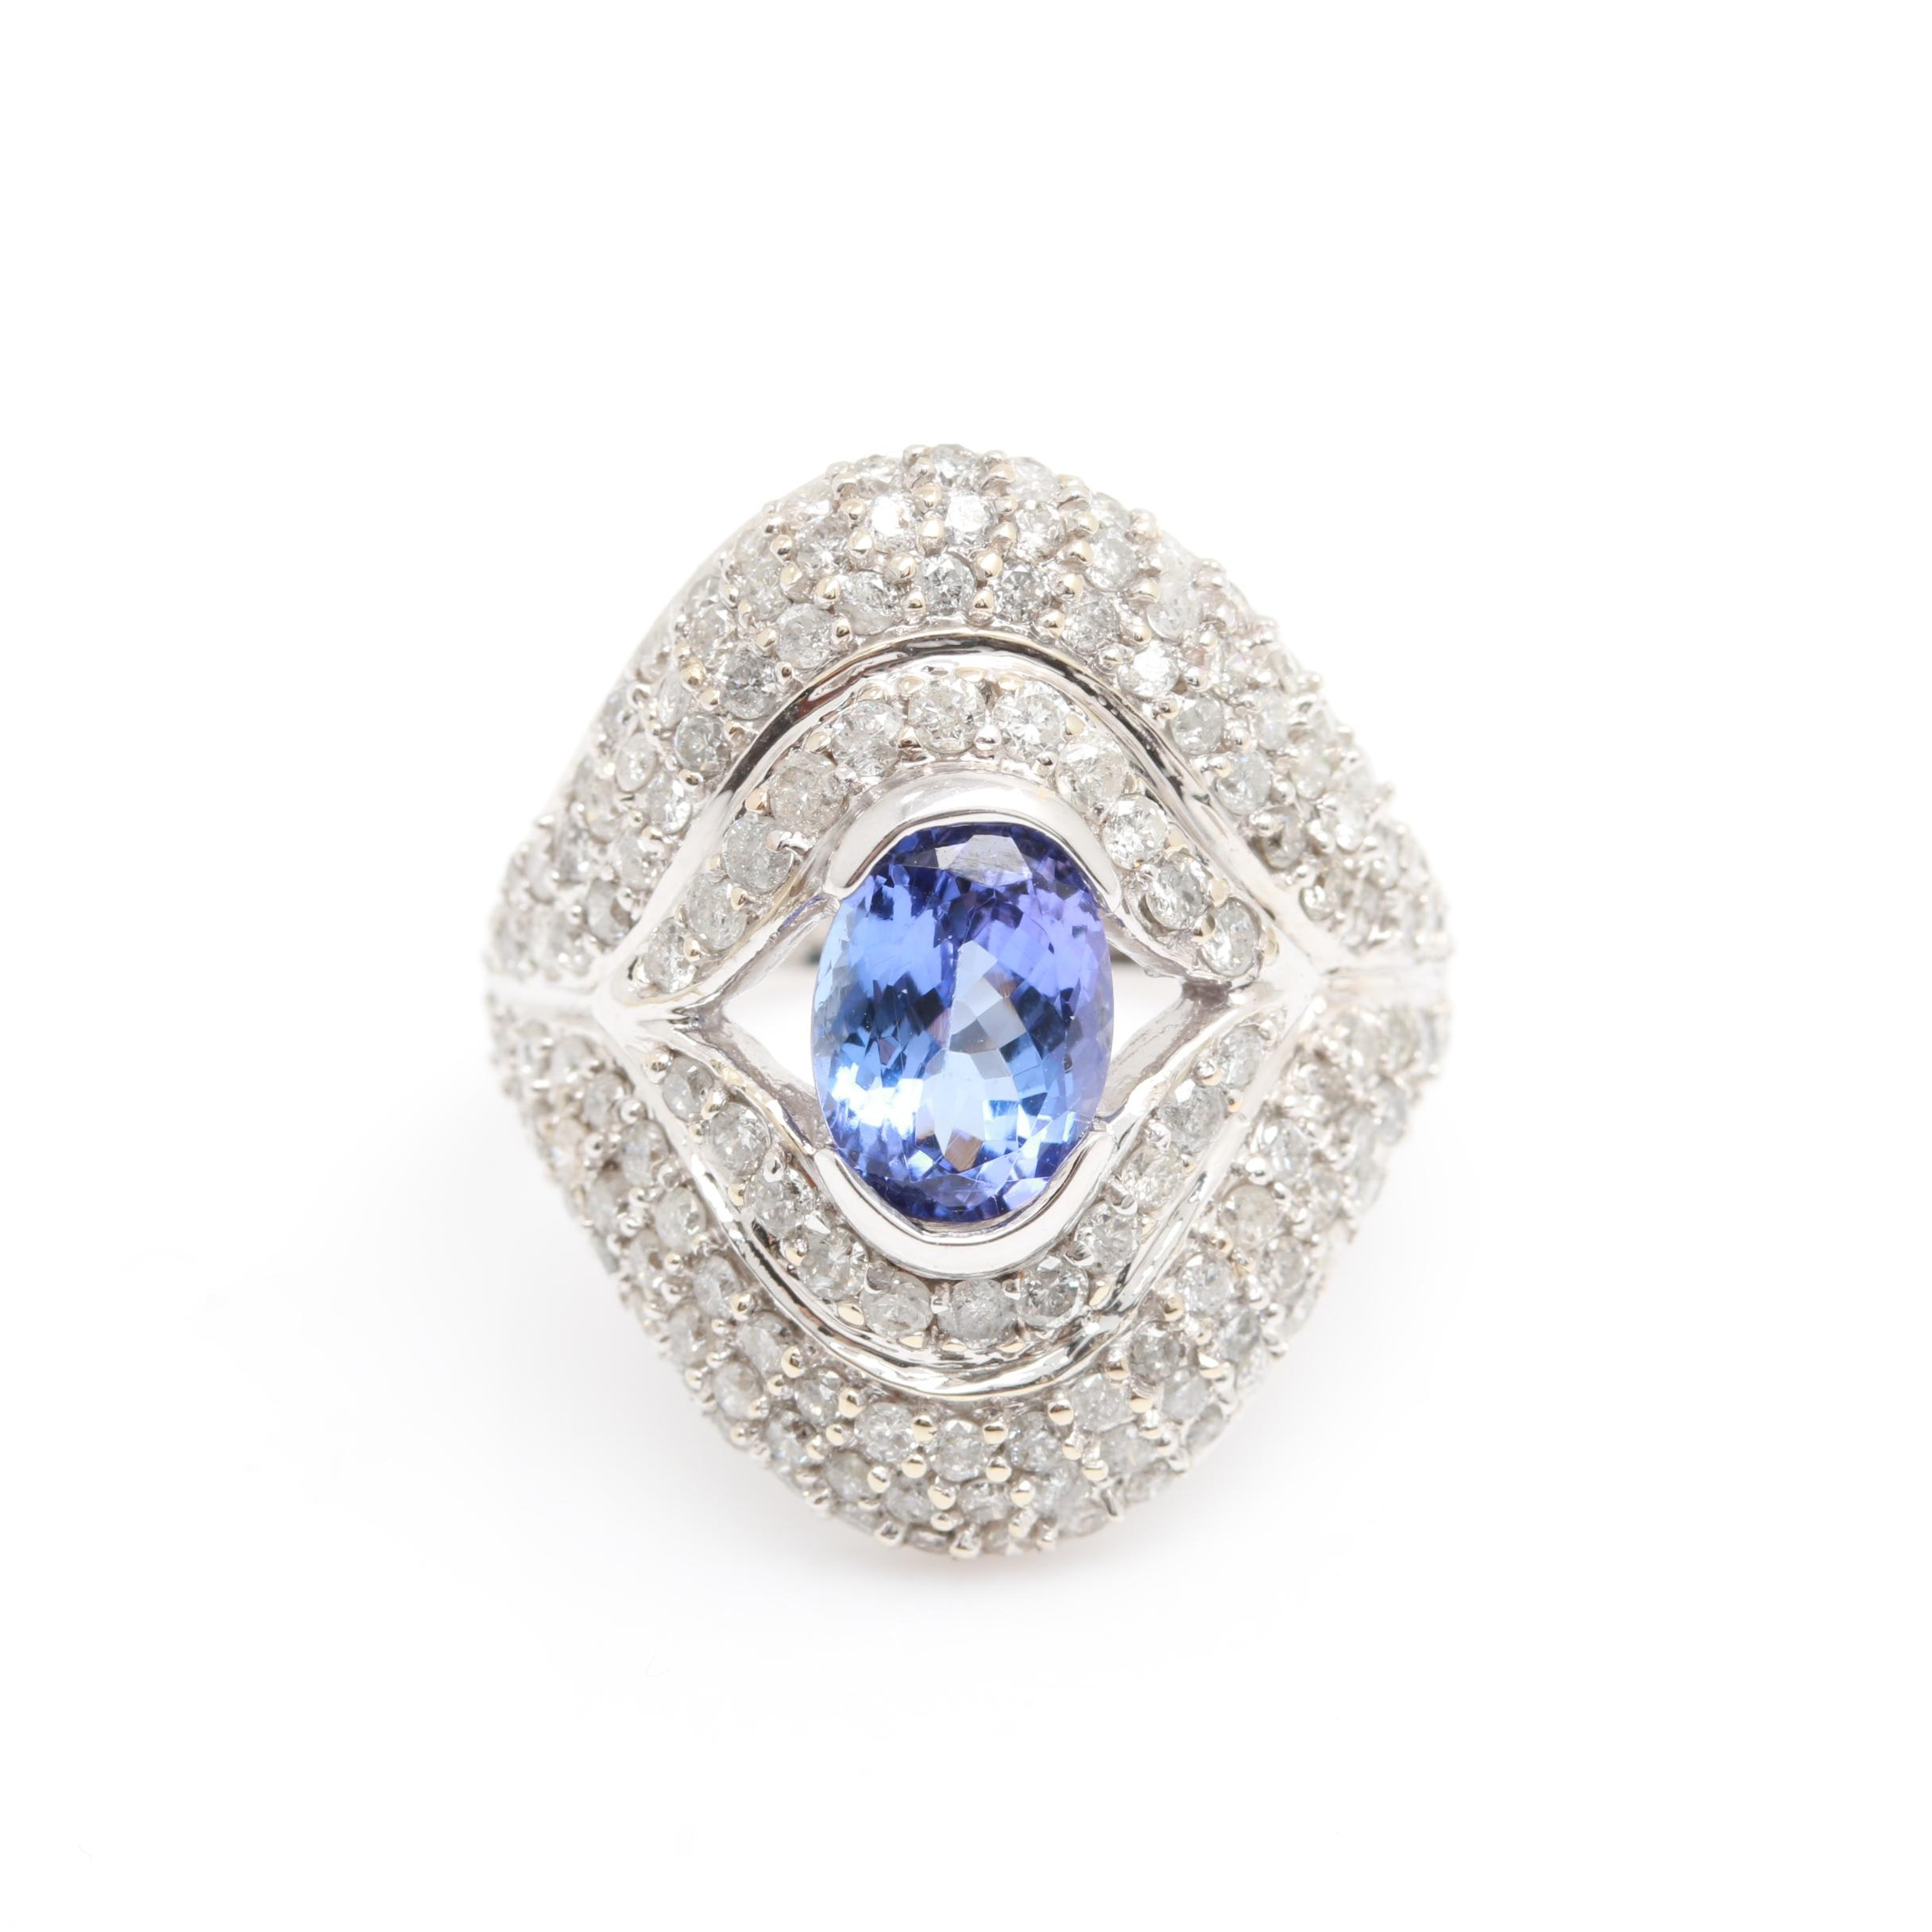 14K White Gold Tanzanite and 1.82 CTW Diamond Statement Ring